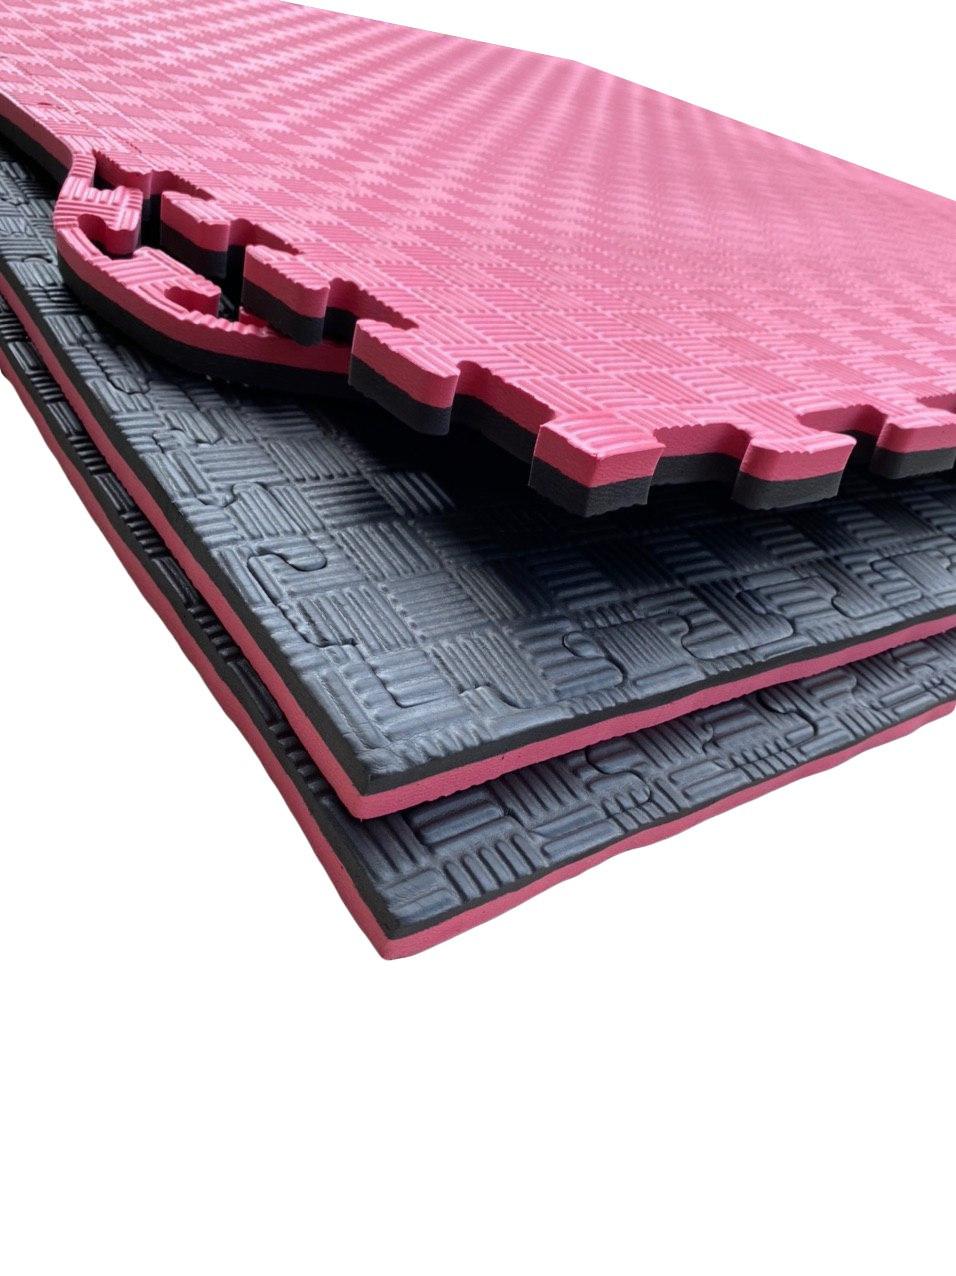 Покрытия для детской комнаты 1000х1000х20мм мат татами ласточкин хвост EVA красно-черный